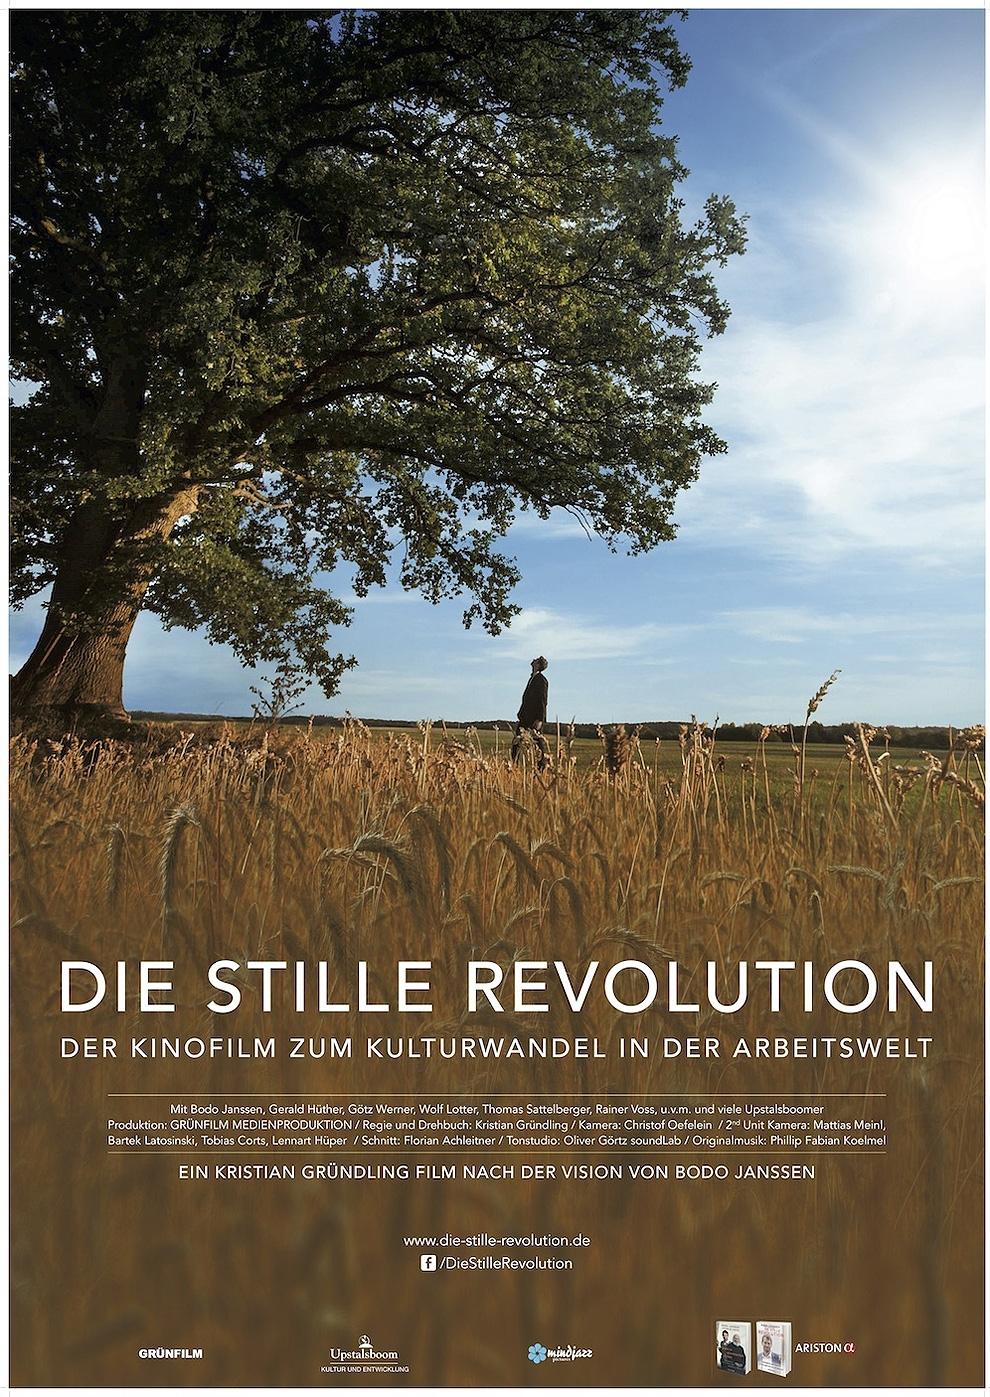 Die stille Revolution (Poster)